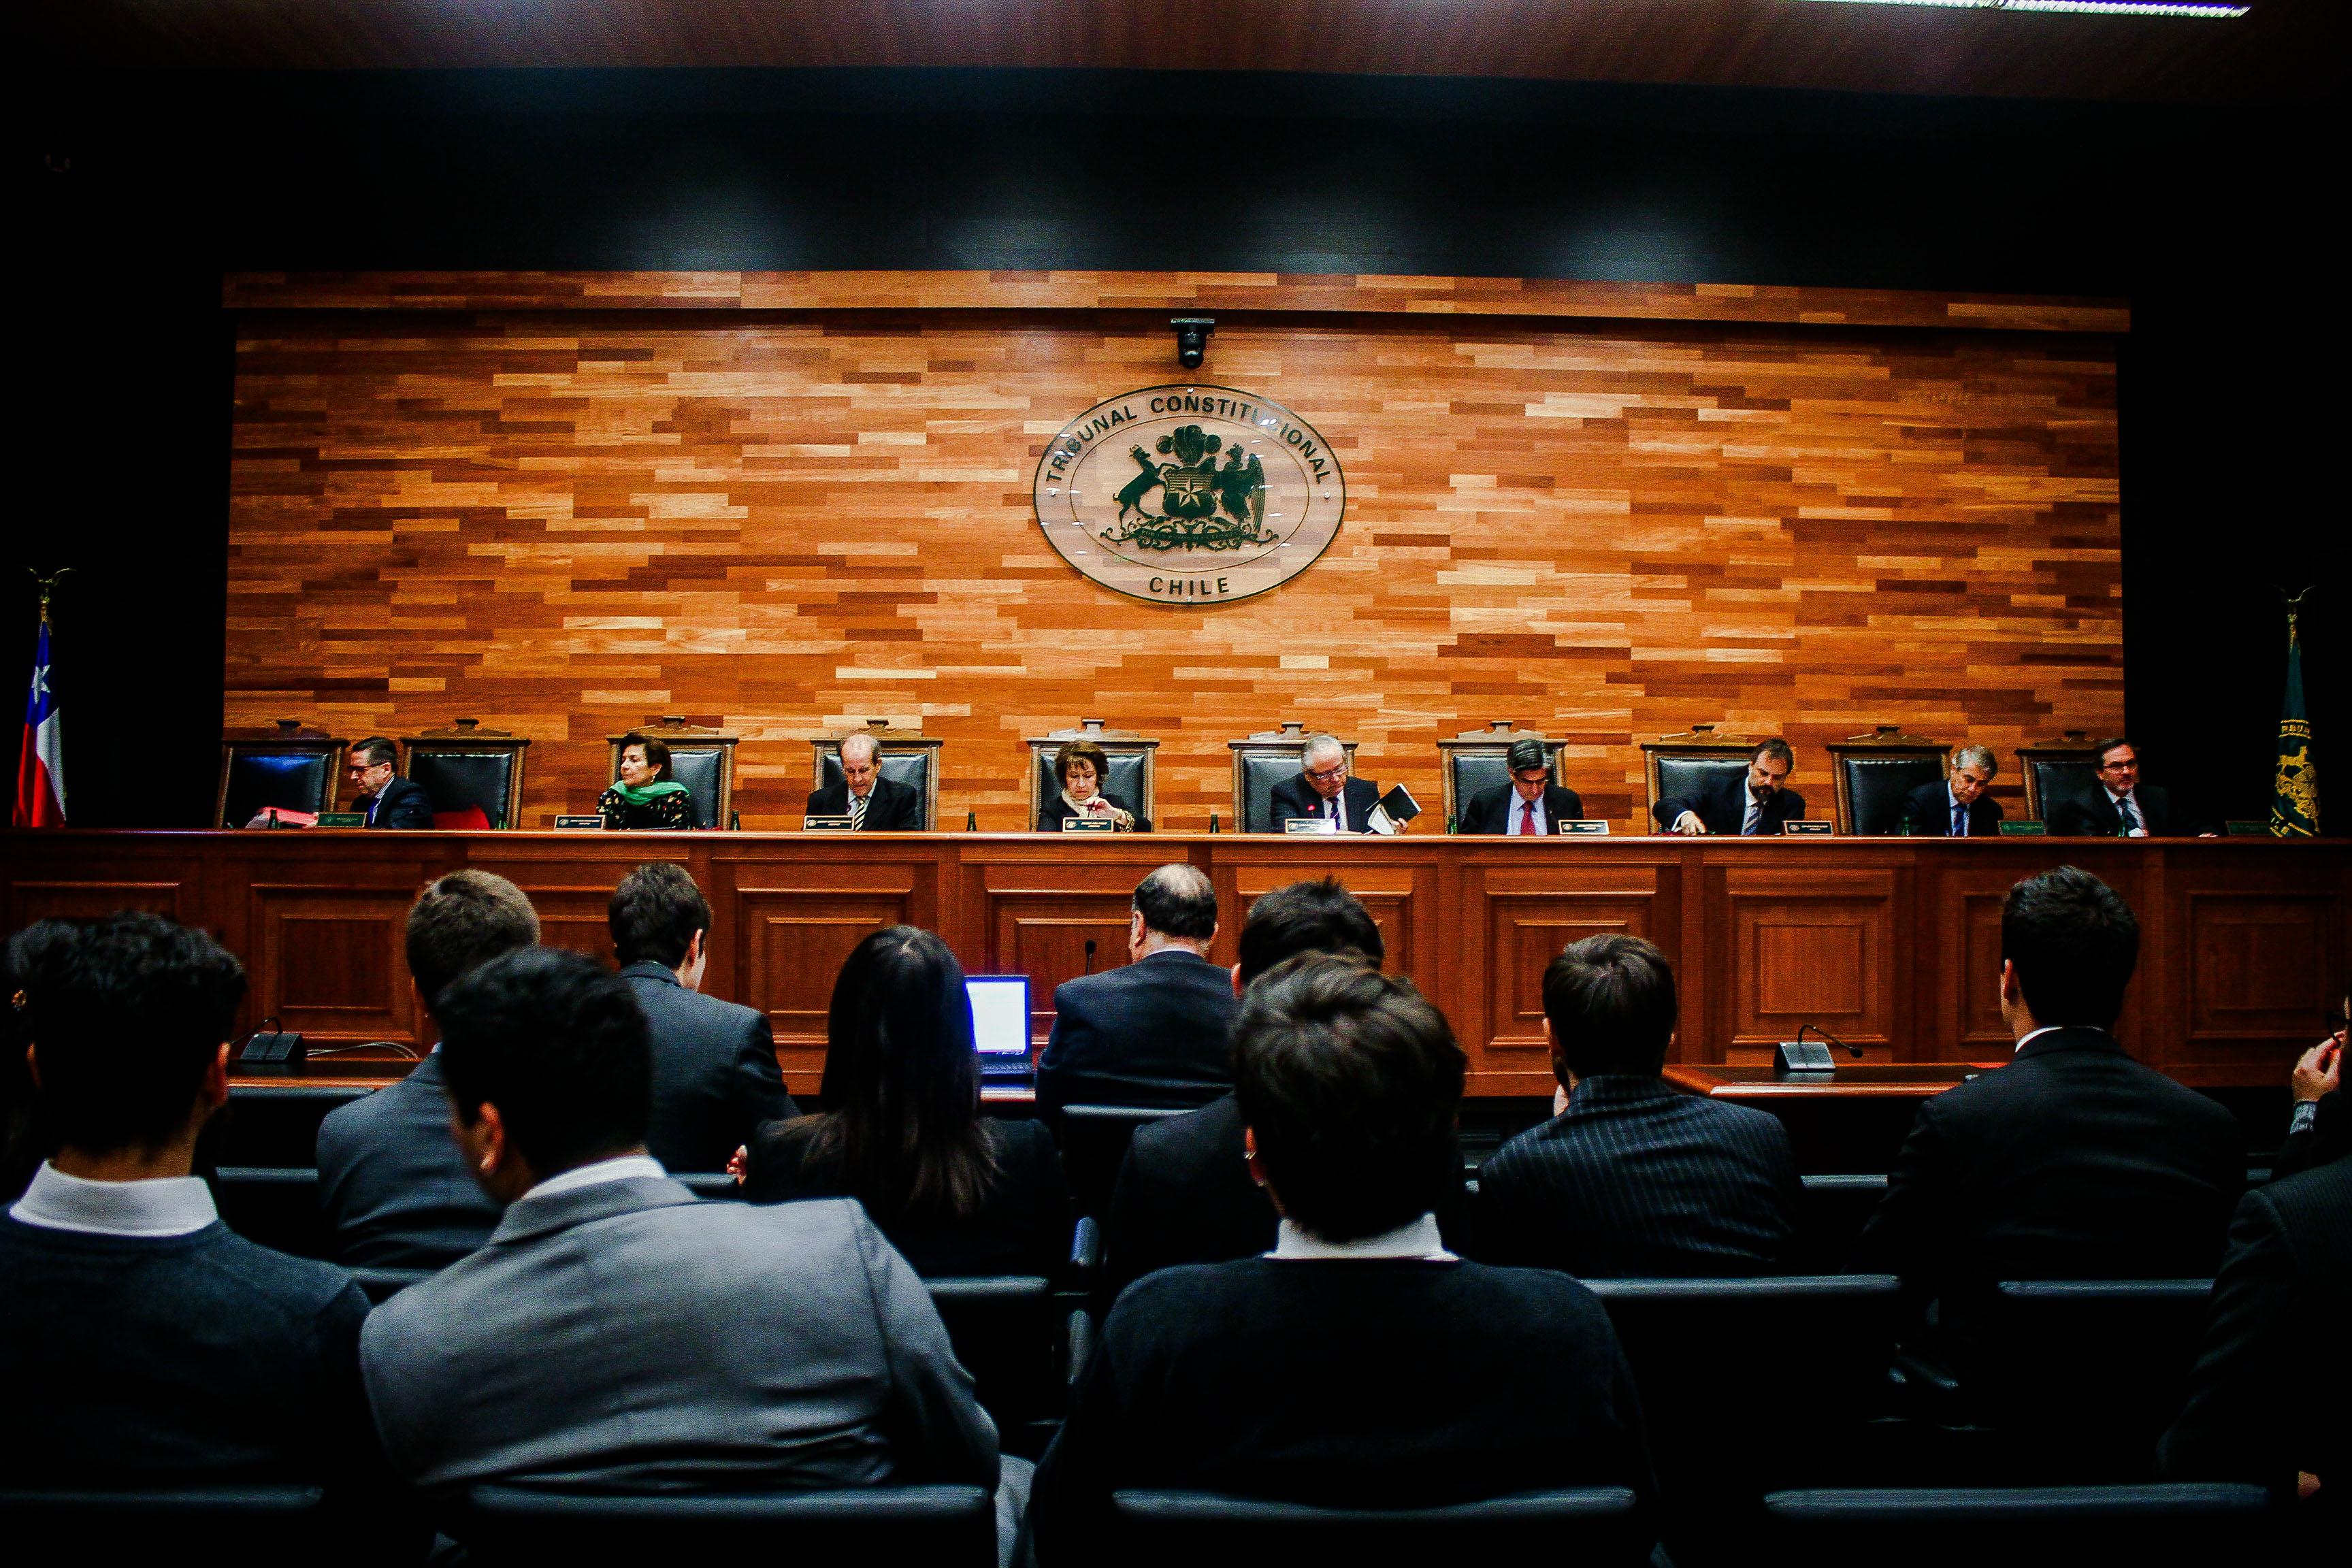 """La pugna por """"secreto estadístico"""" que enfrenta al INE y el Consejo para la Transparencia en el Tribunal Constitucional"""